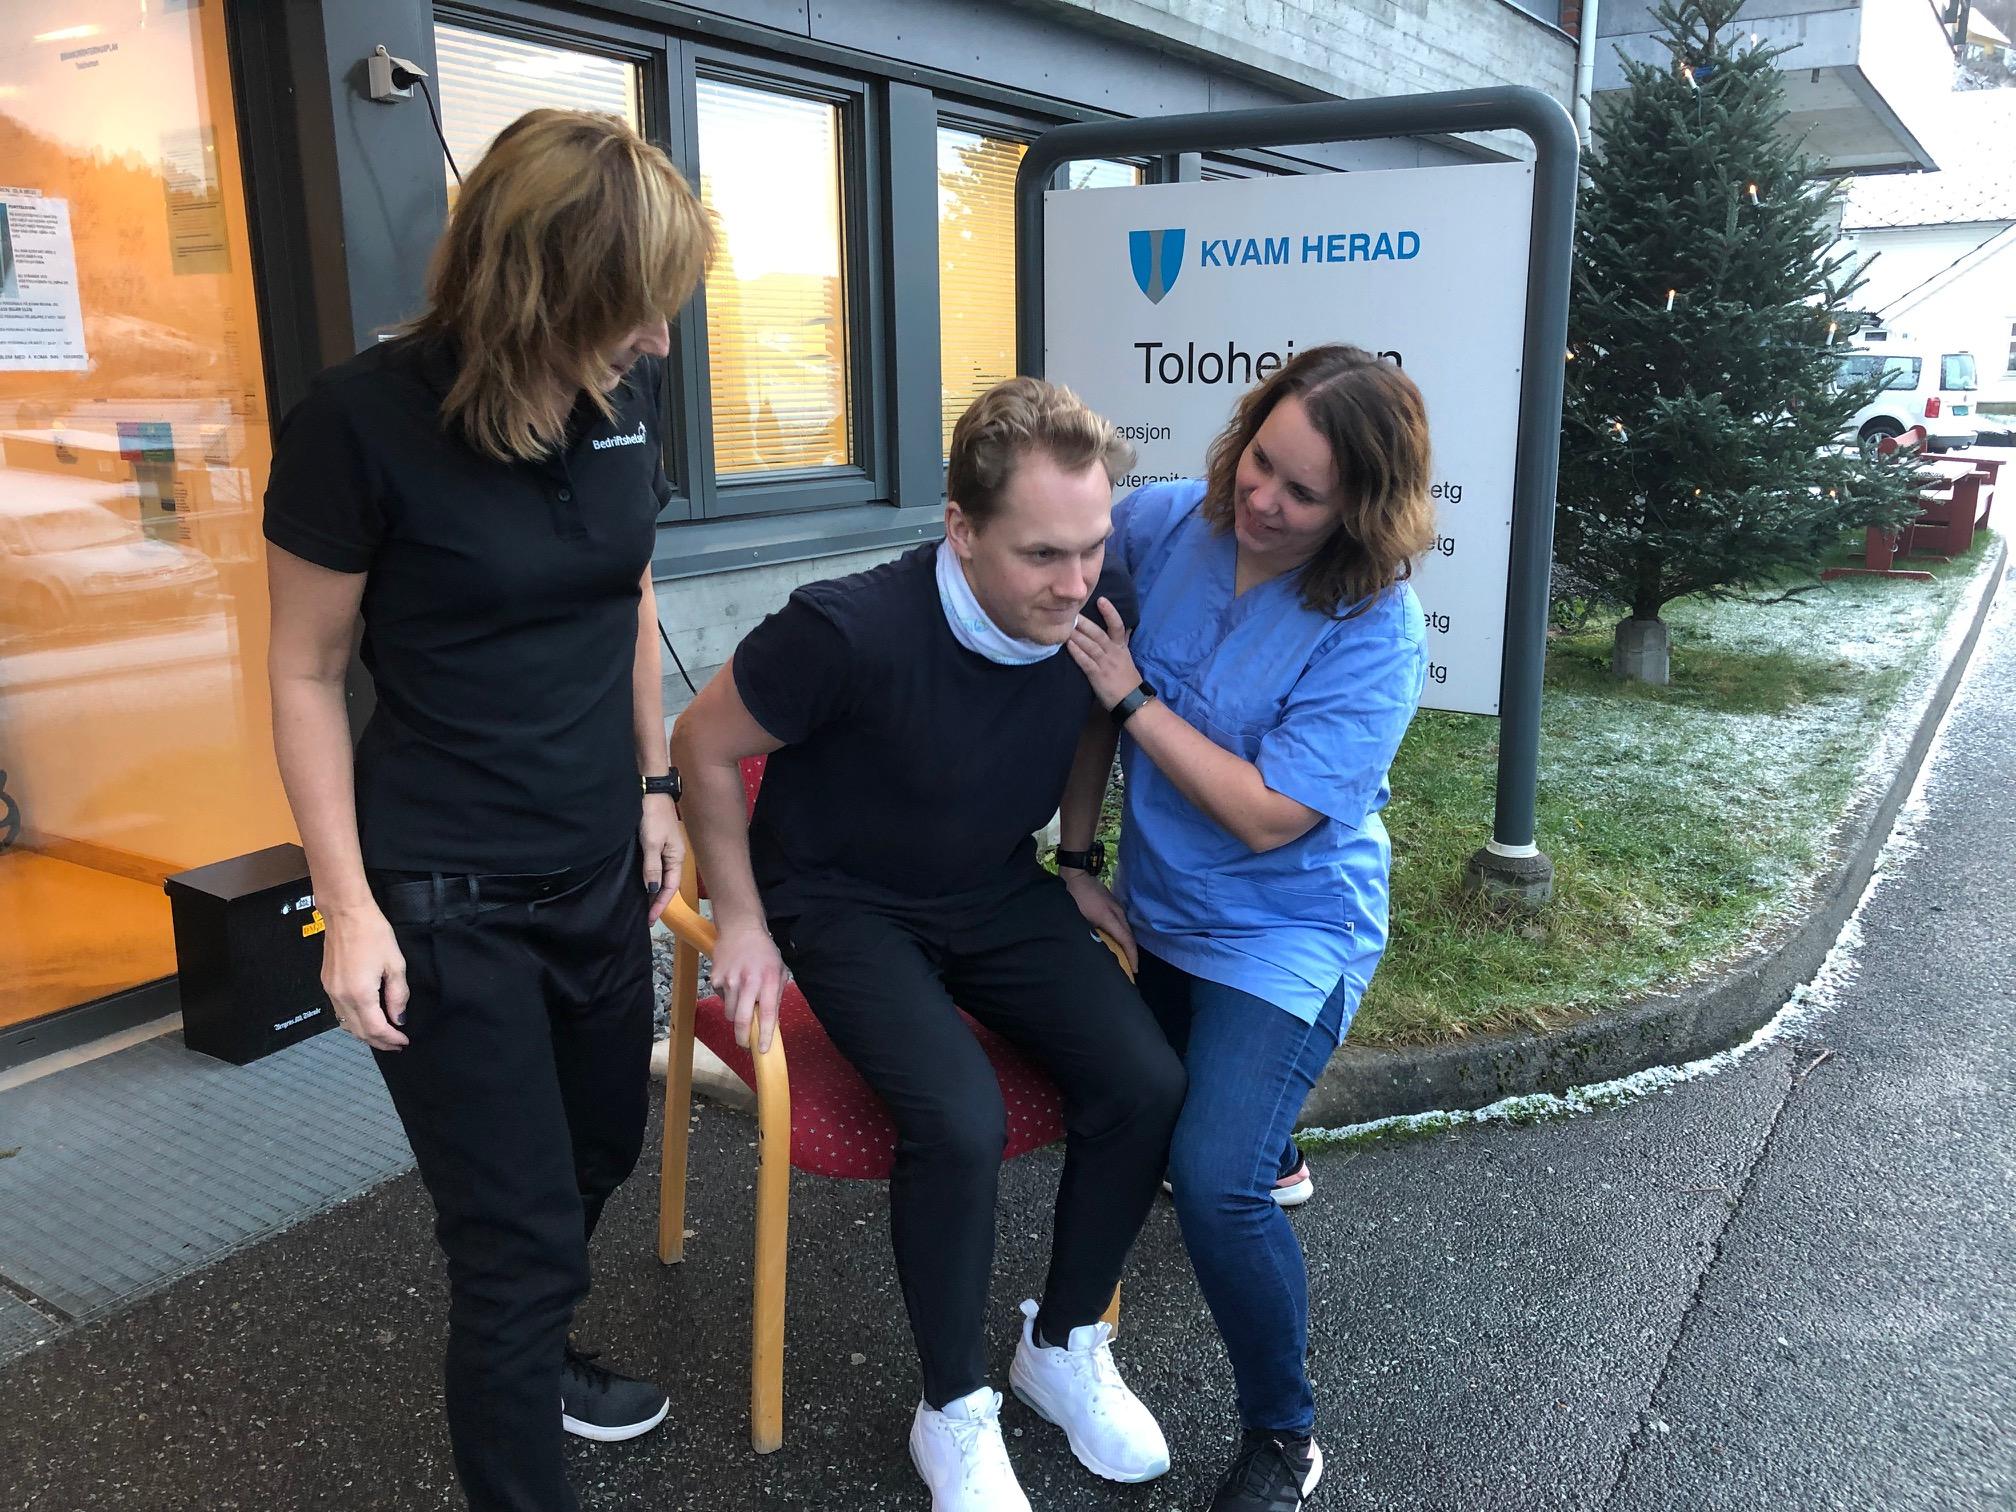 Fyseioterapeutene Torild Kveberg frå Bedriftshelse1 (t.v.) og Rikke Gjerde Reistad frå Kvam herad viser riktig forflytningsteknikk.